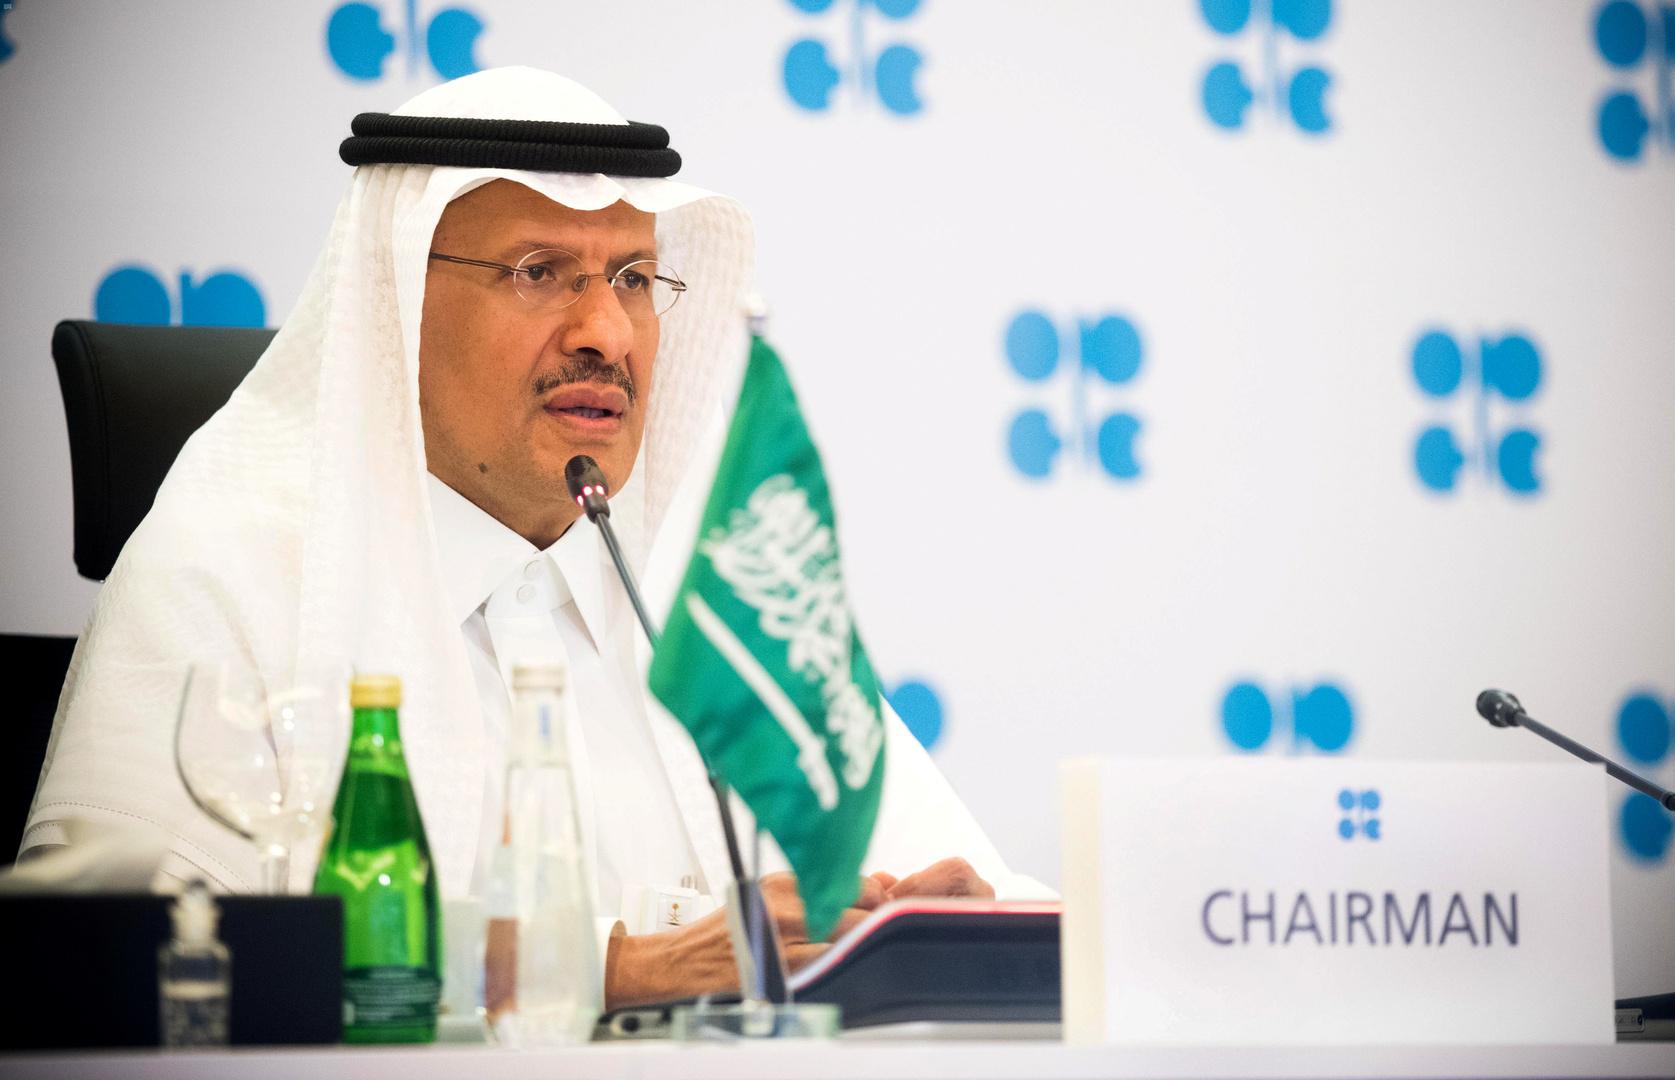 وزير الطاقة السعودي عن الاستغناء عن النفط: احتمال بعيد وغير واقعي